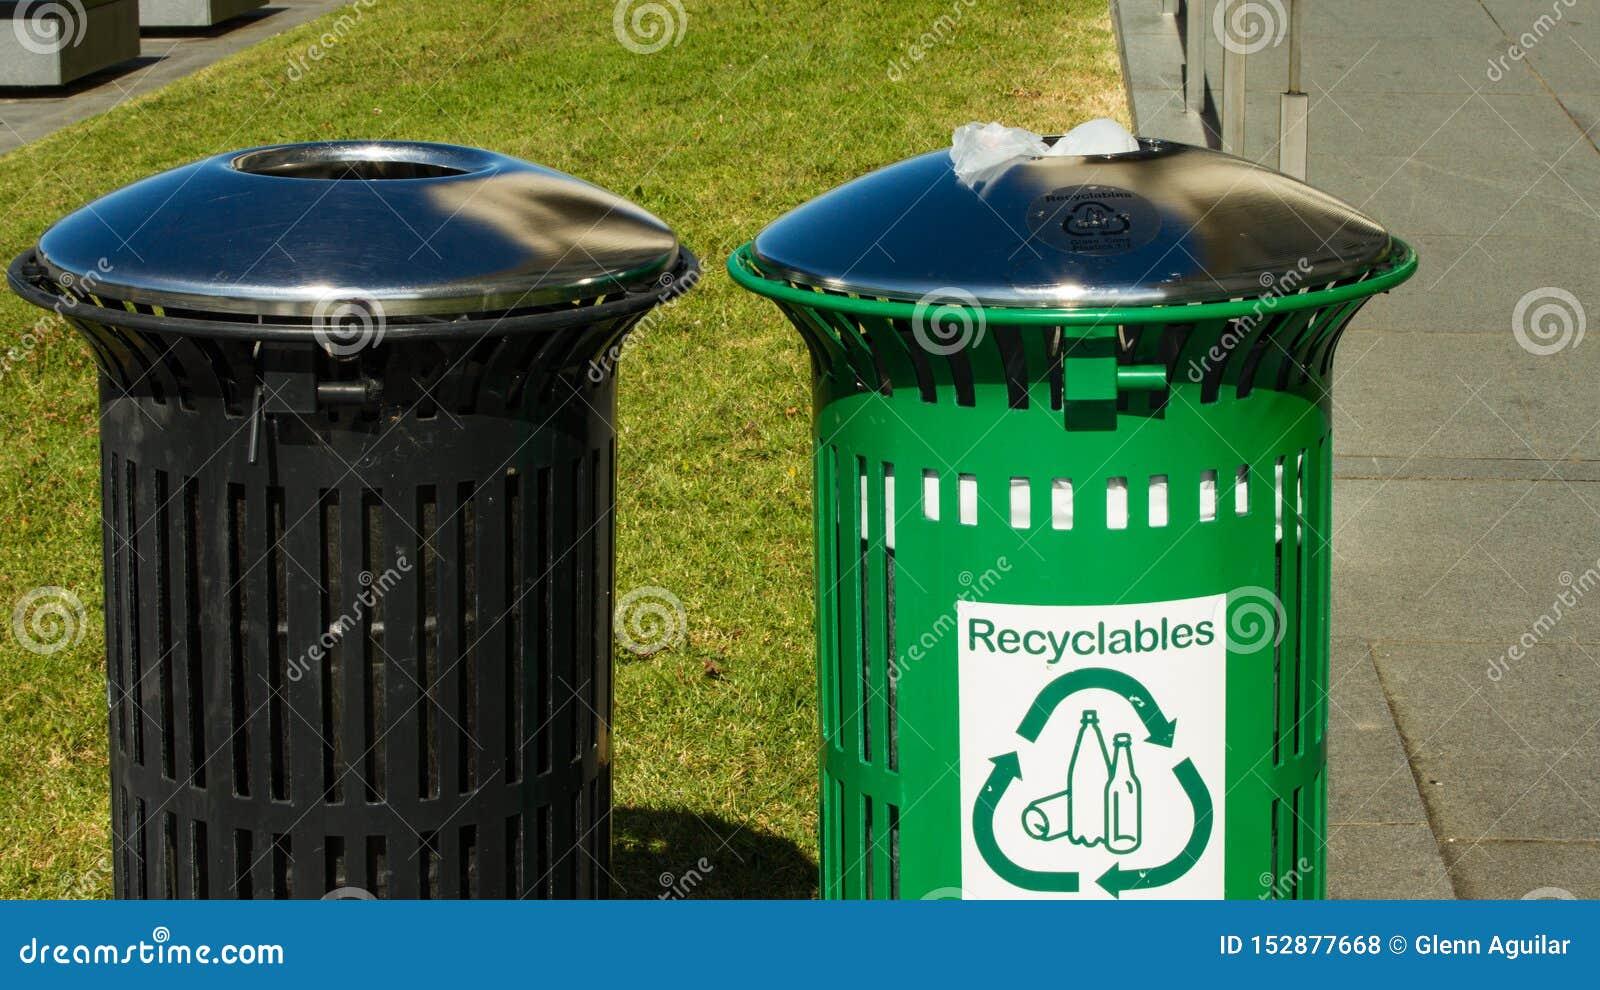 Recyclable bin and a trash bin side by side